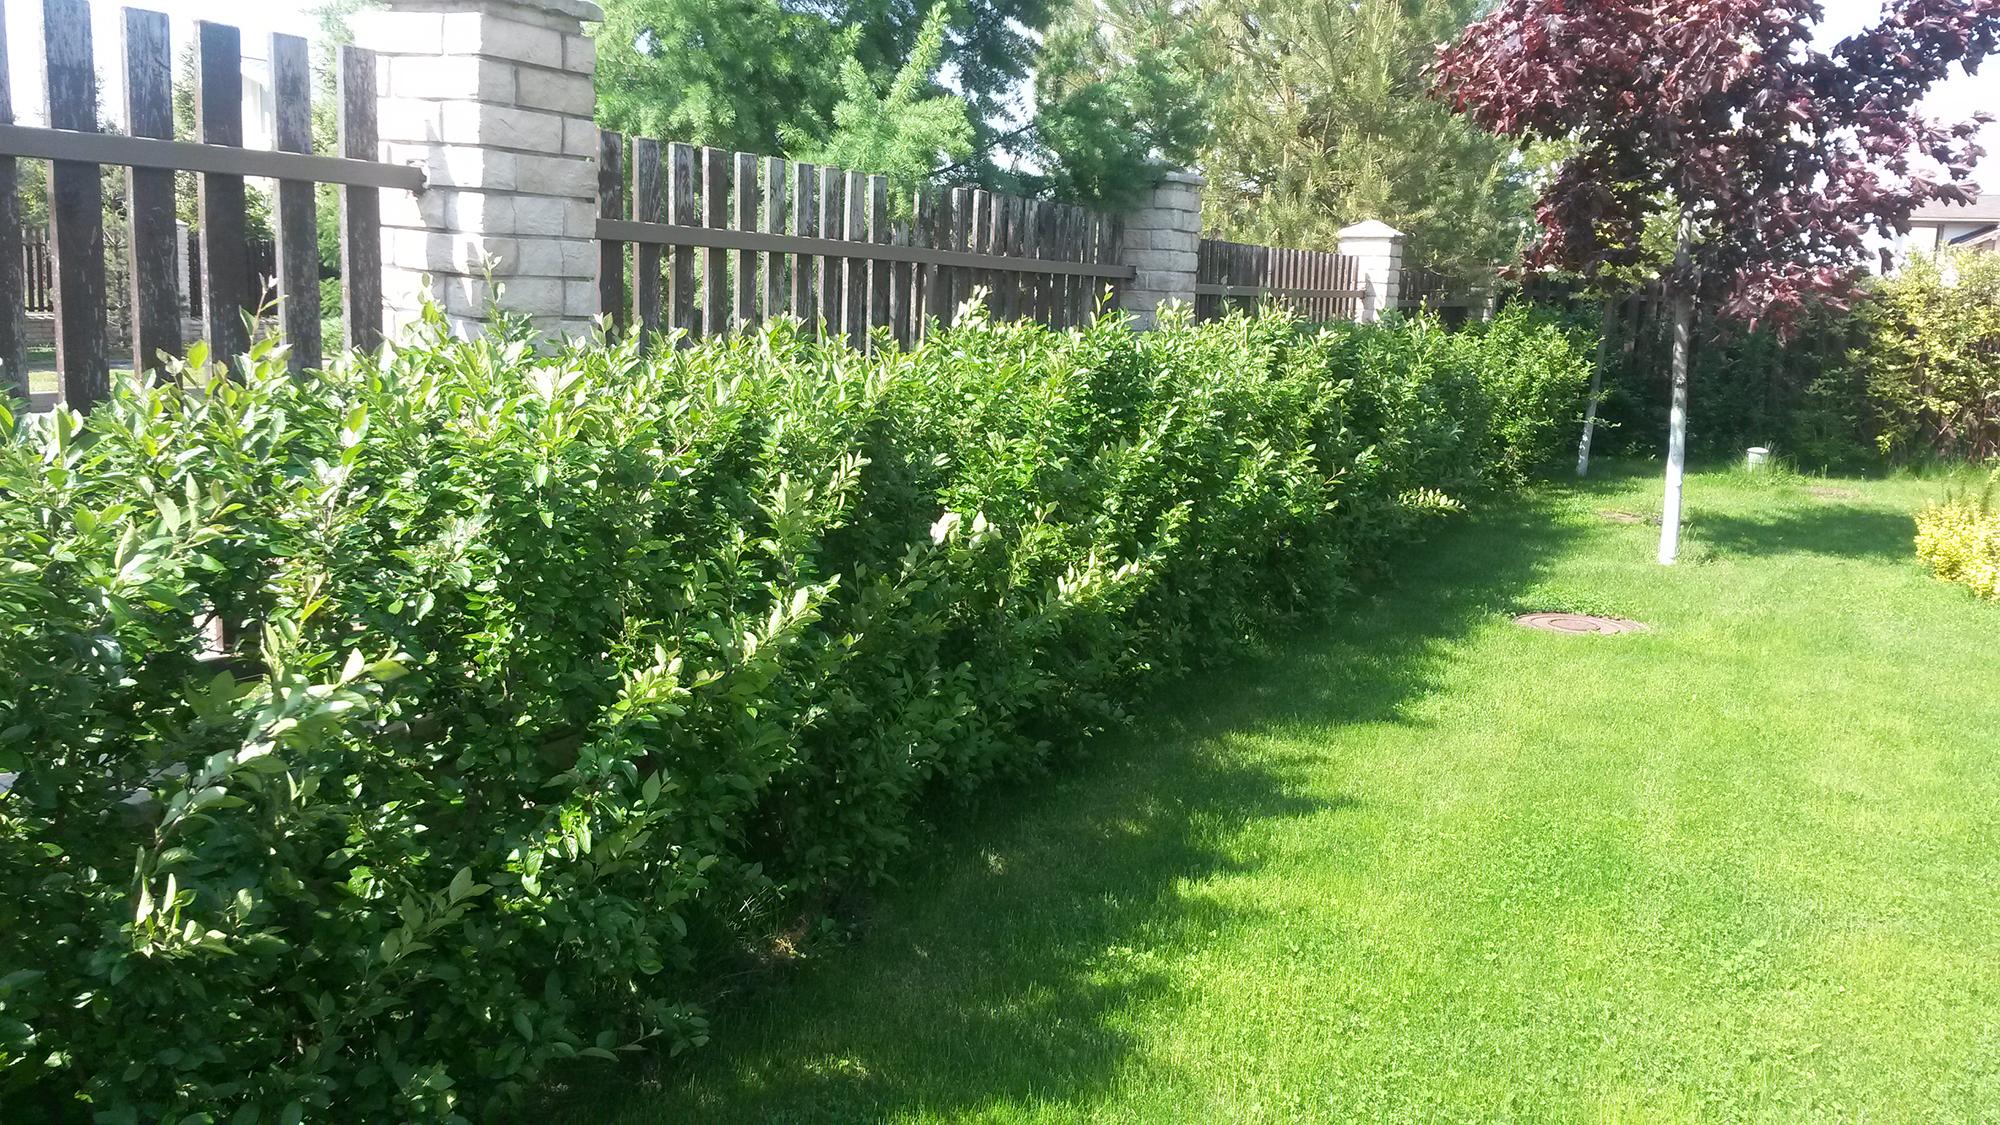 Свободно растущая изгородь у забора